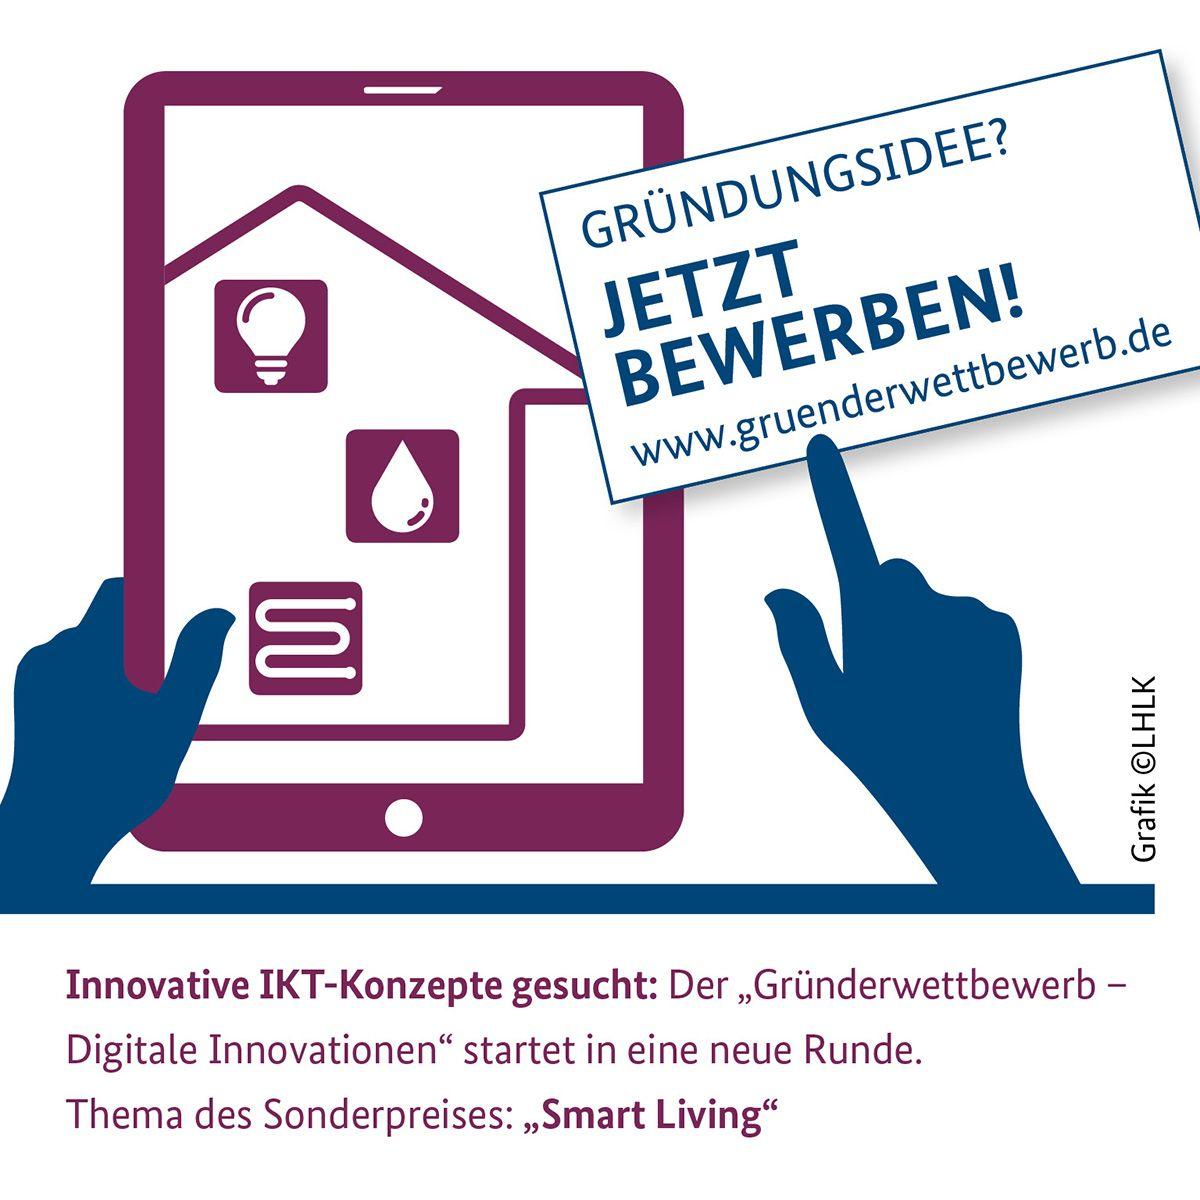 Gründerwettbewerb - Digitale Innovationen